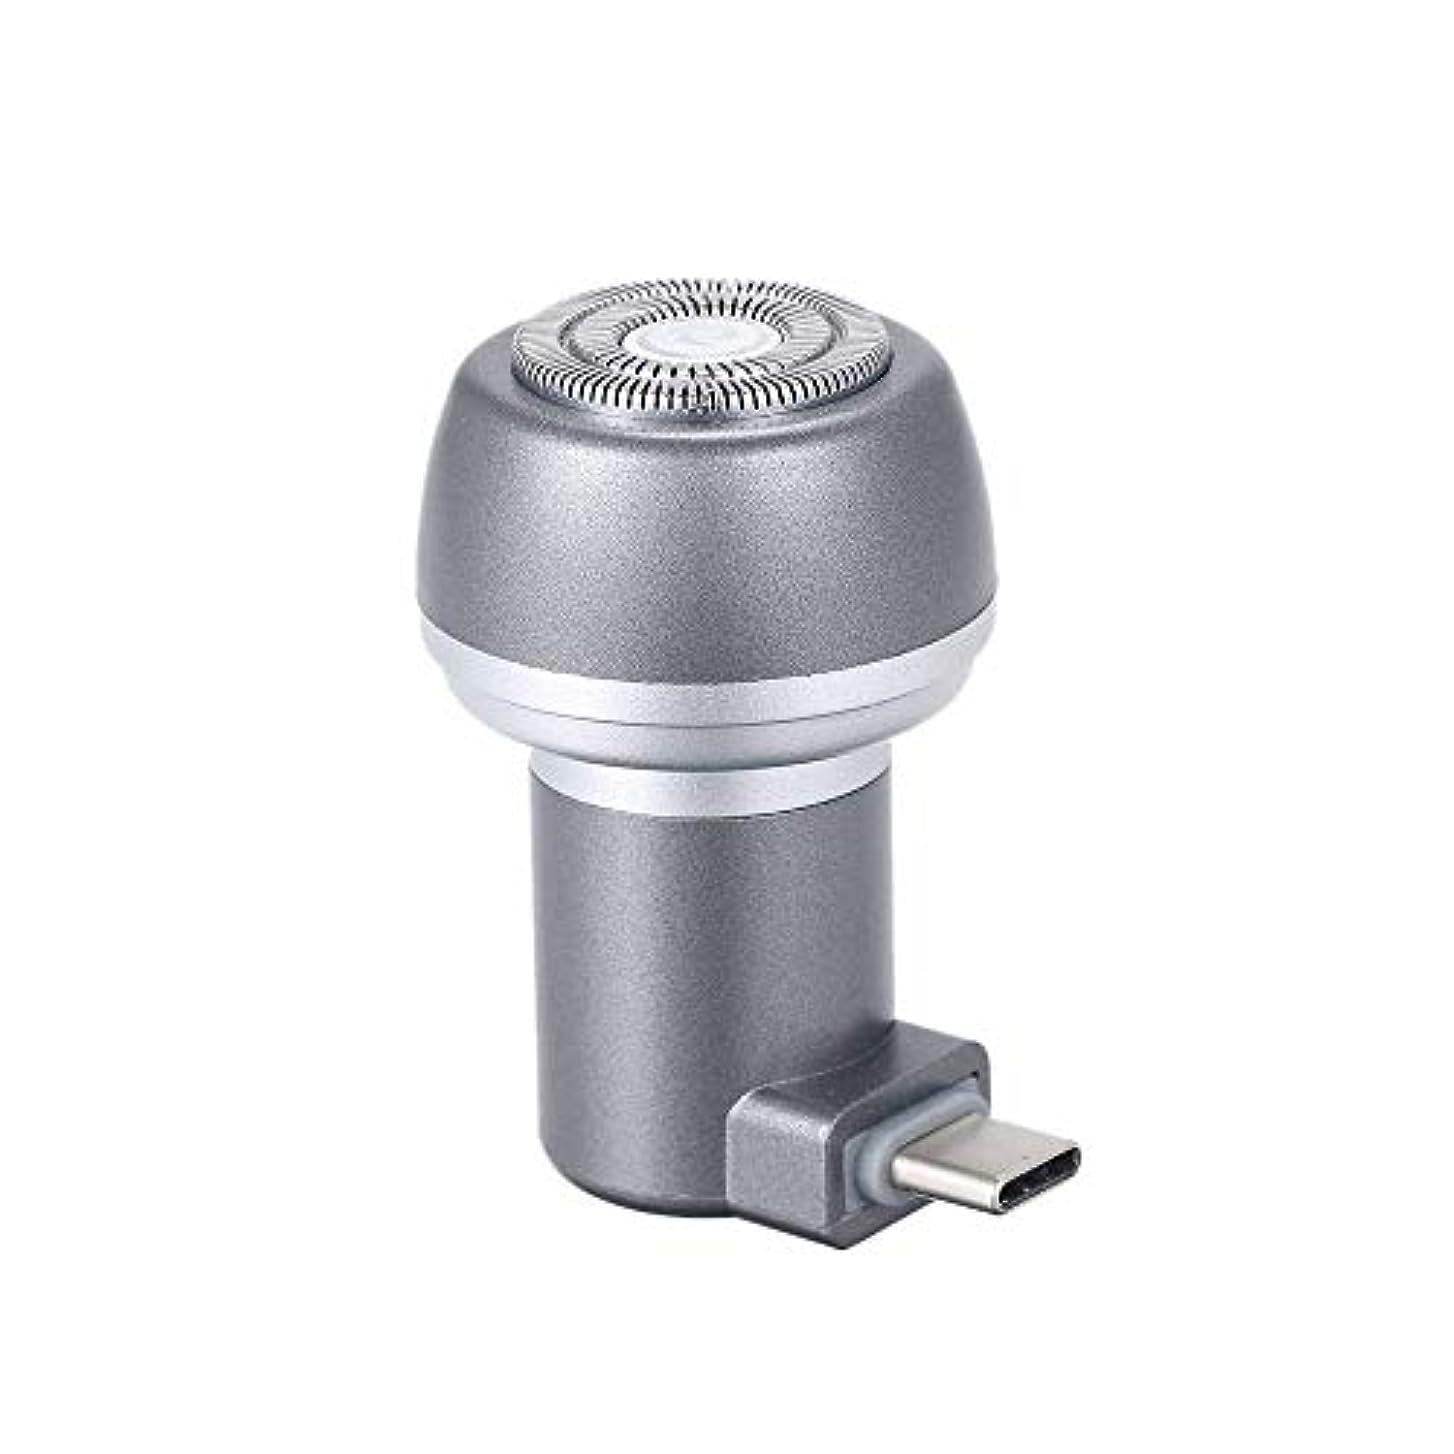 良性見通し切るXiAnShiYu家庭用 電気 シェーバー 男性用 防水 ウェットドライシェービング USB充電式 グレー タイプC